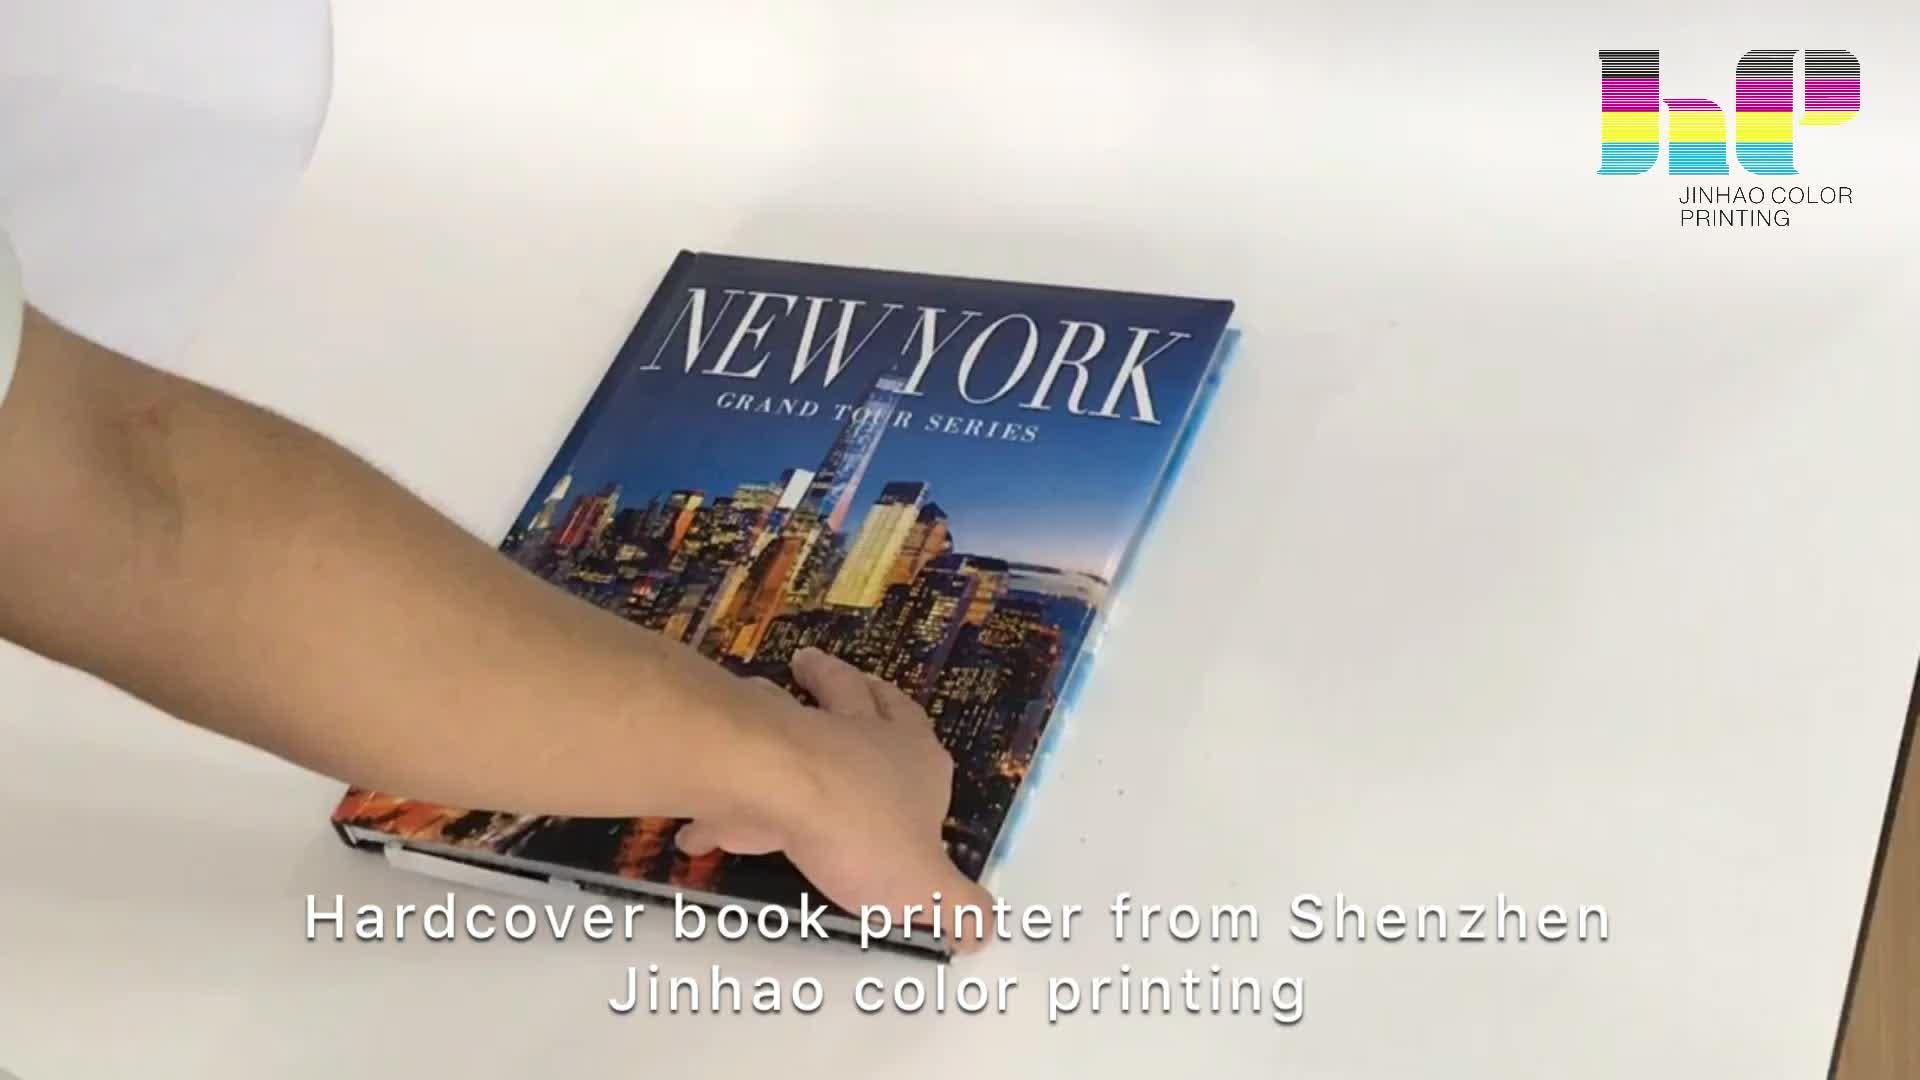 Atacado bonito China fábrica barato criança placa de capa dura impressão do livro de fotos